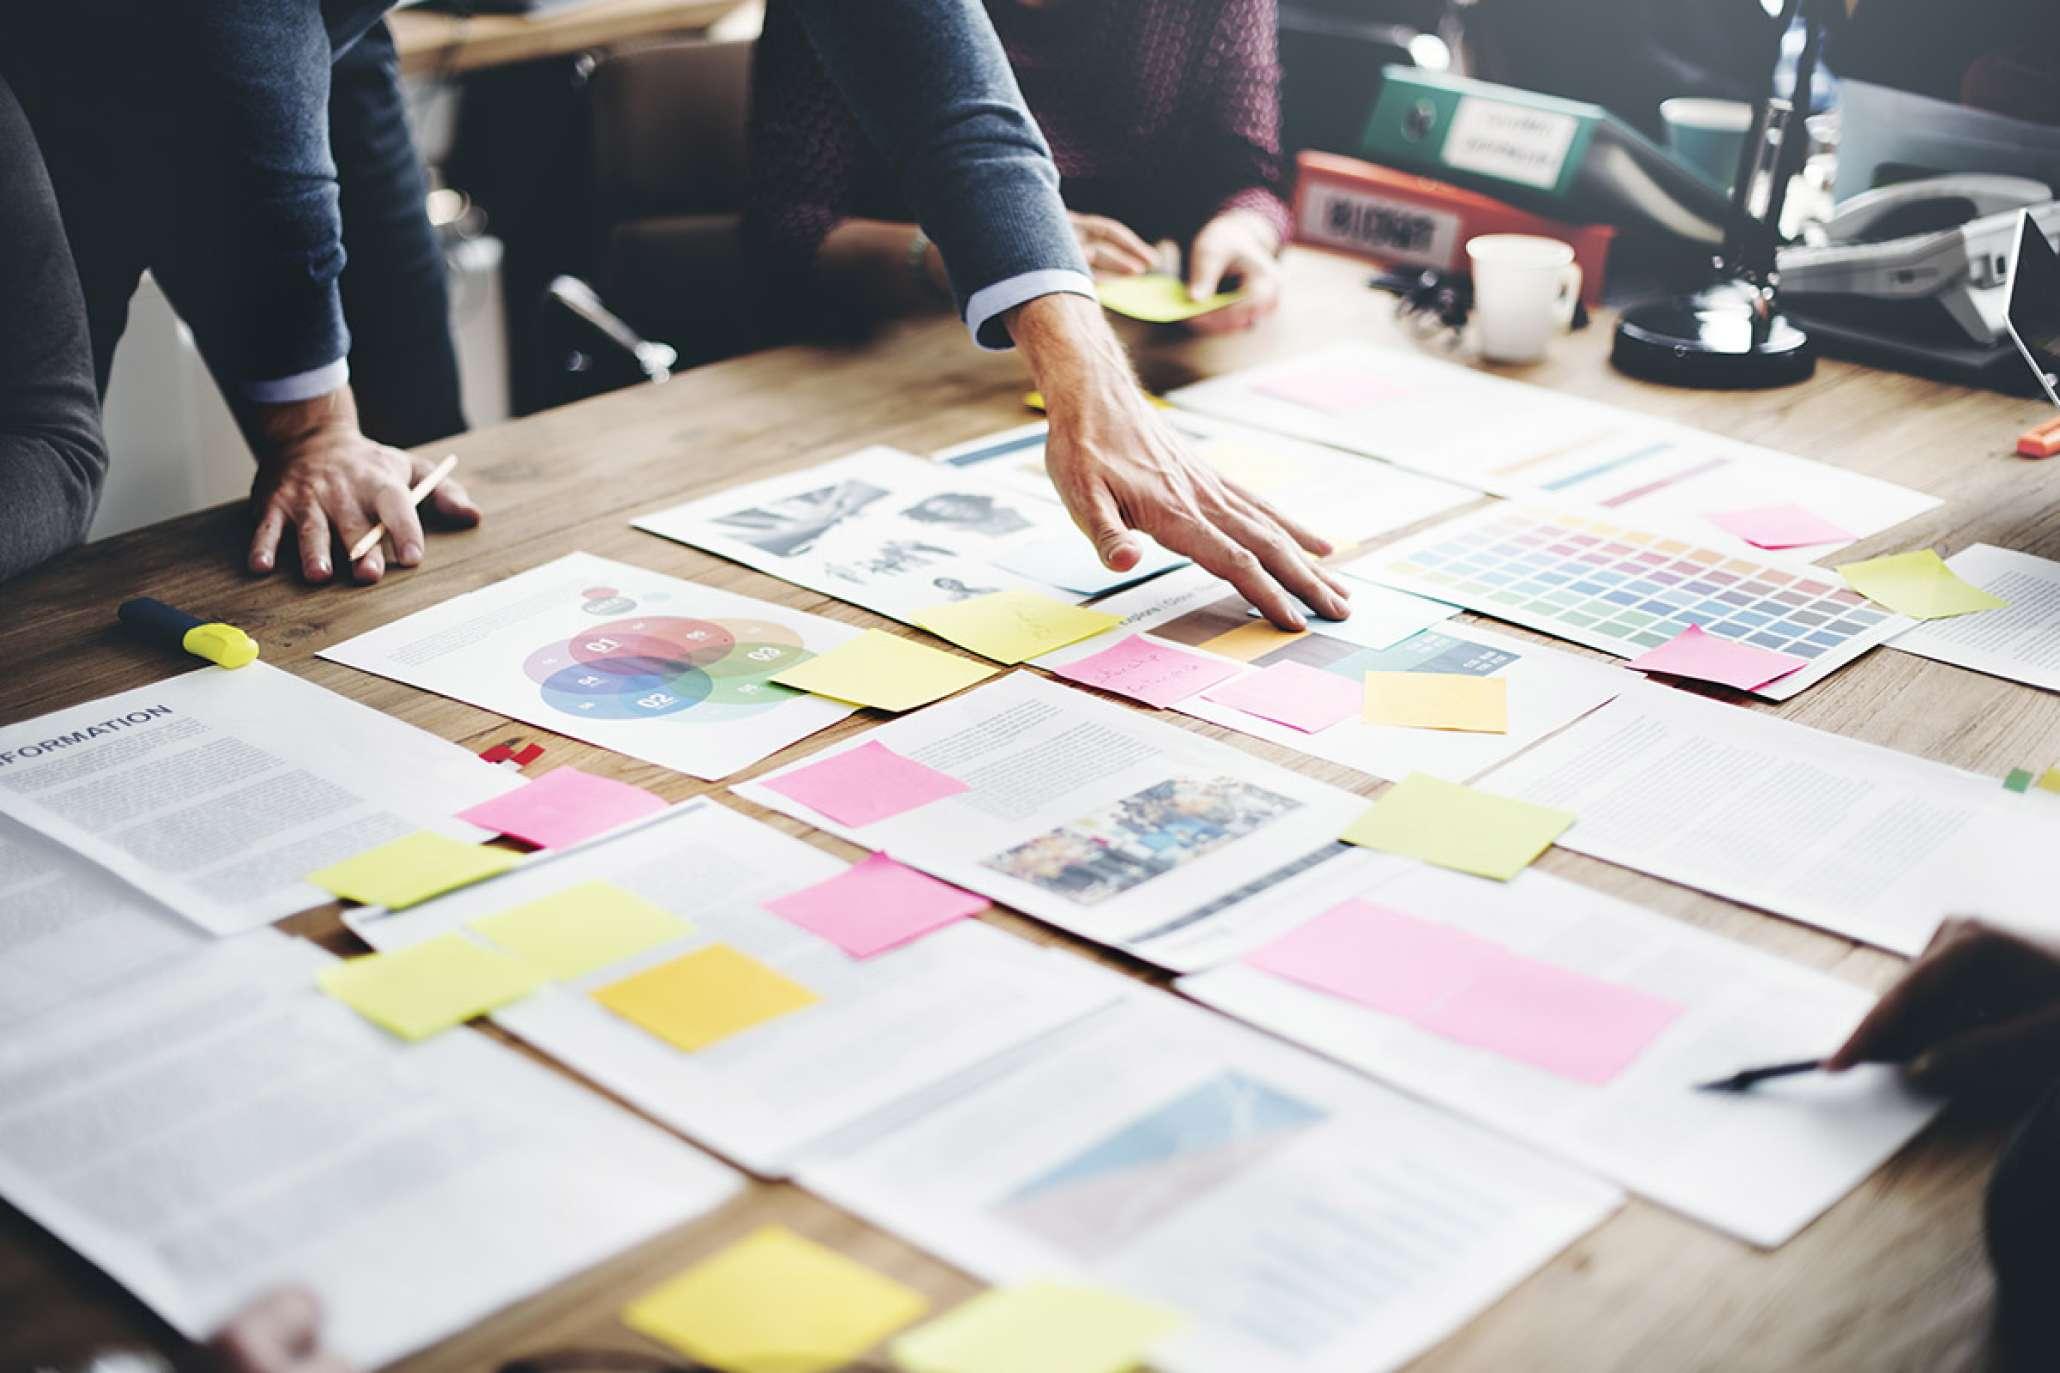 Rencana pemasaran itu penting. Foto: wikipedia